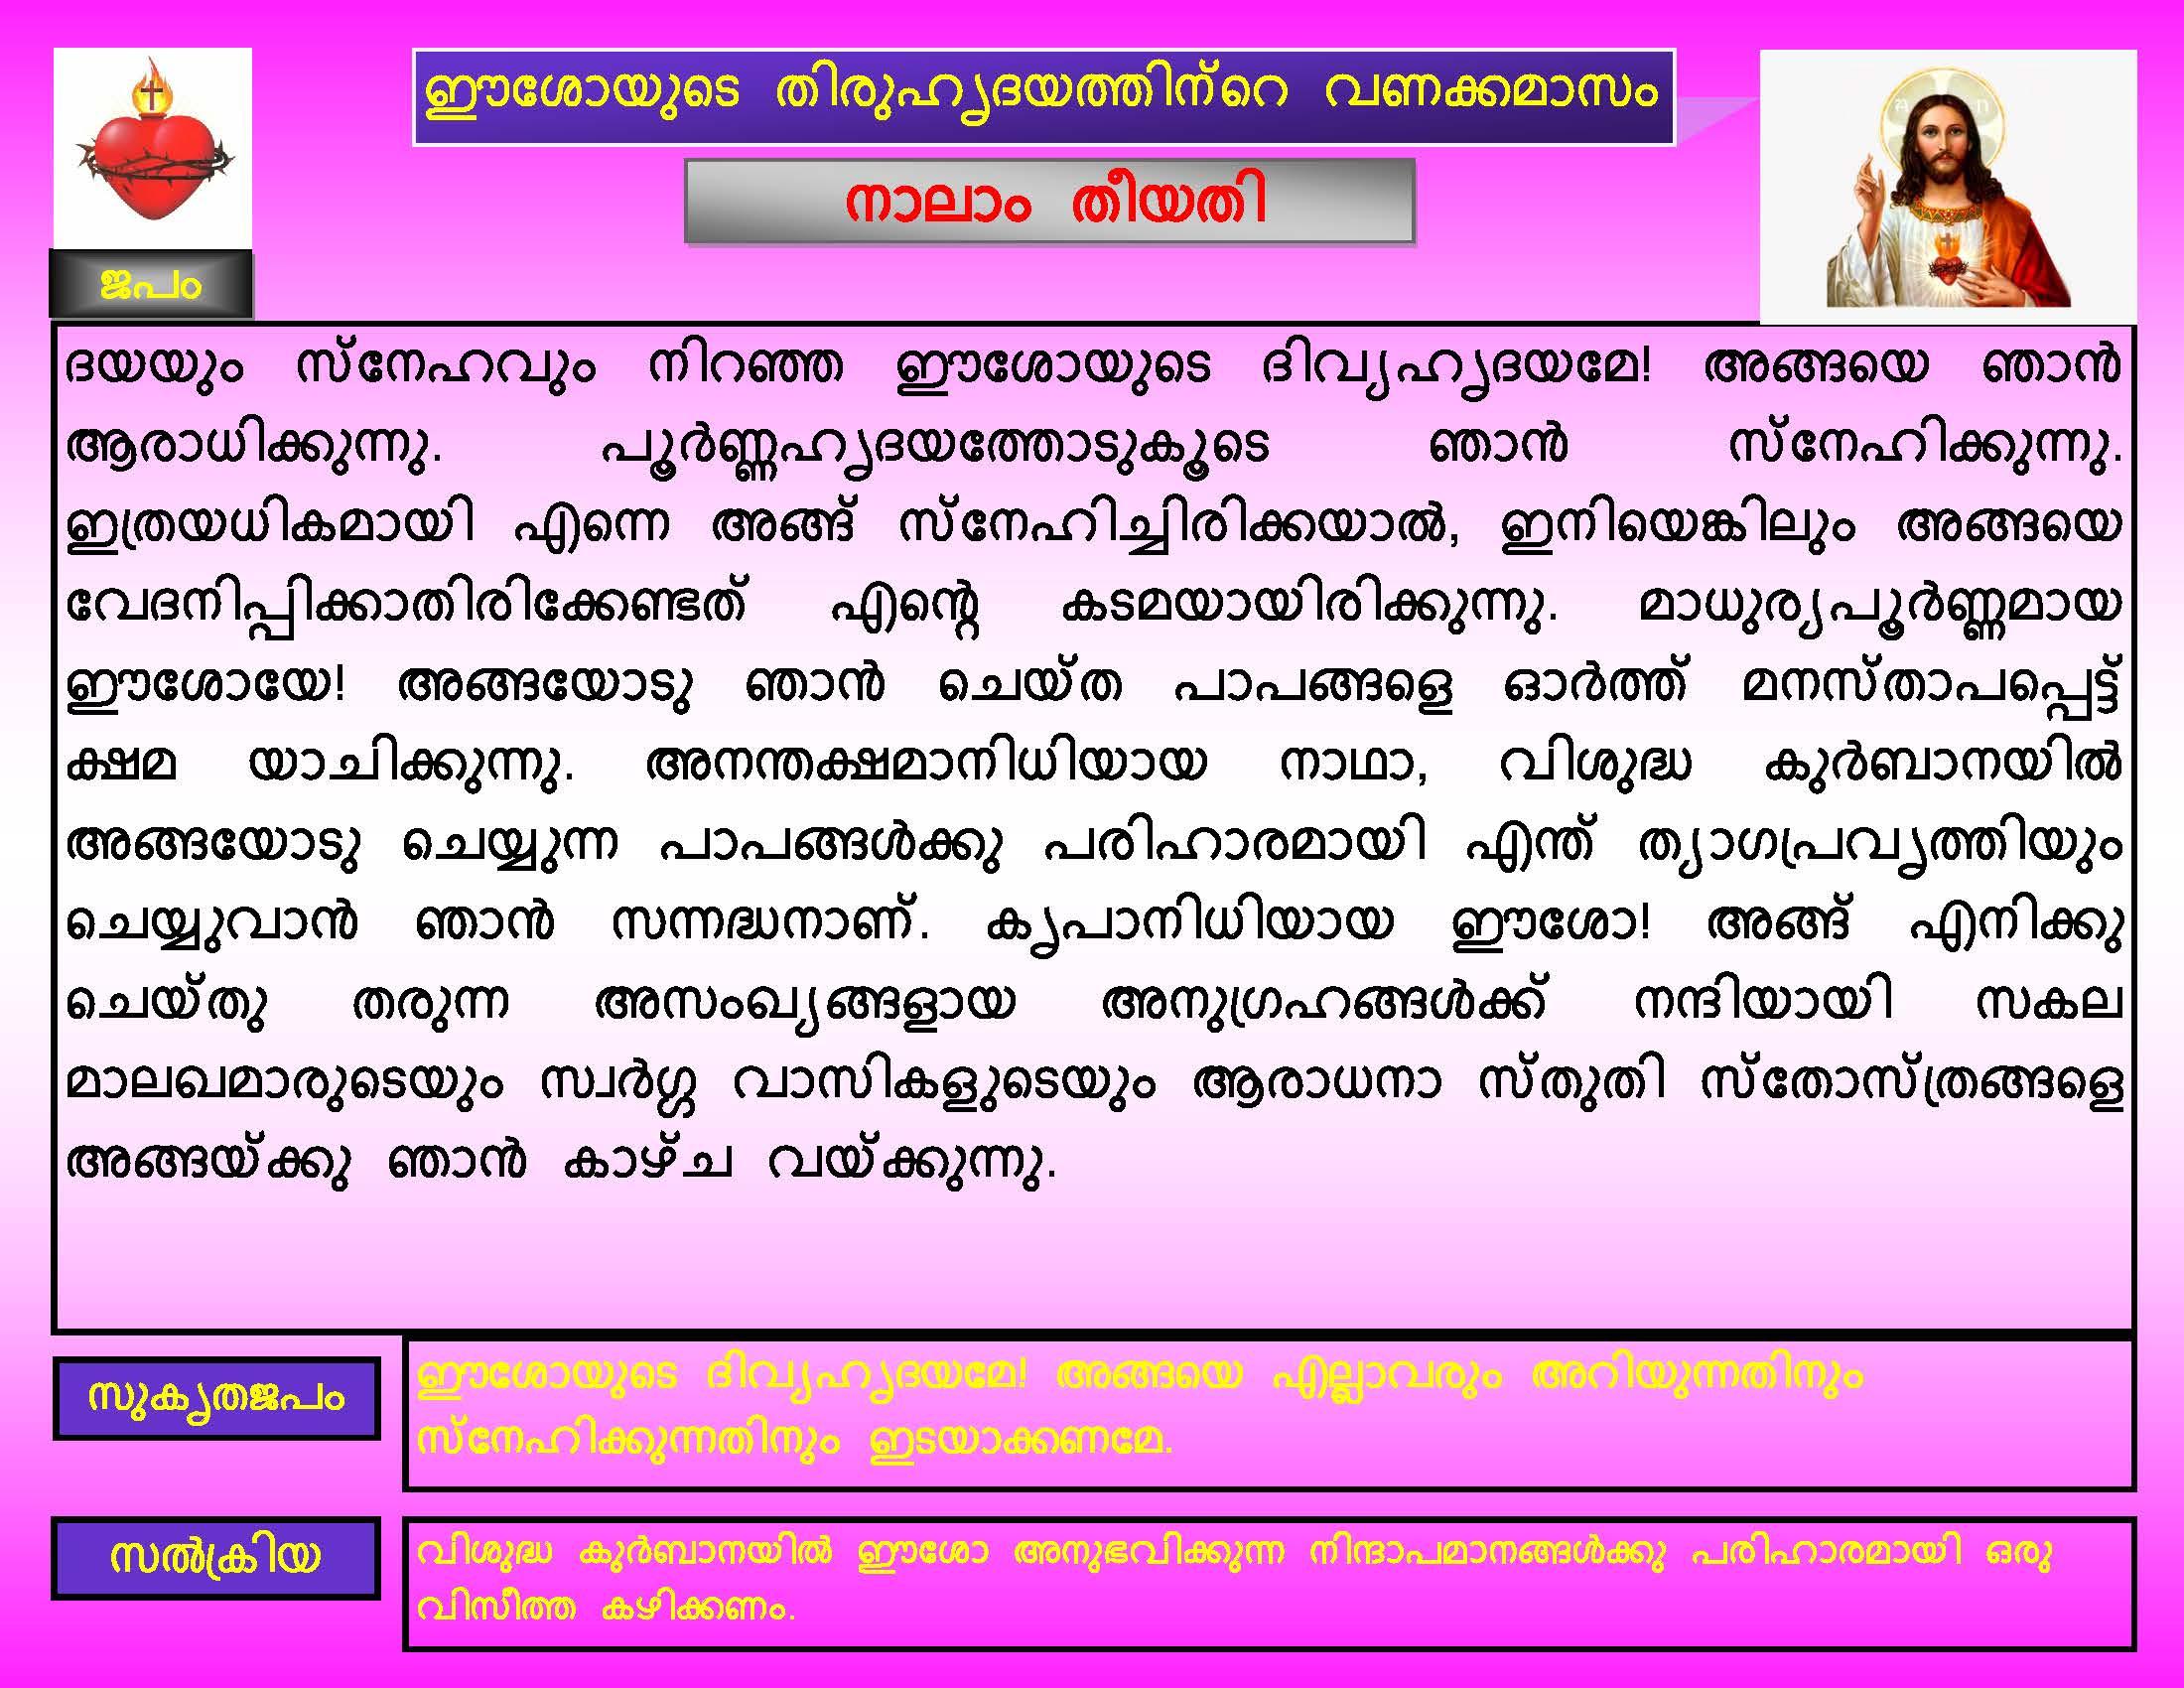 Thiruhrudaya Vanakkamasam - Day 4